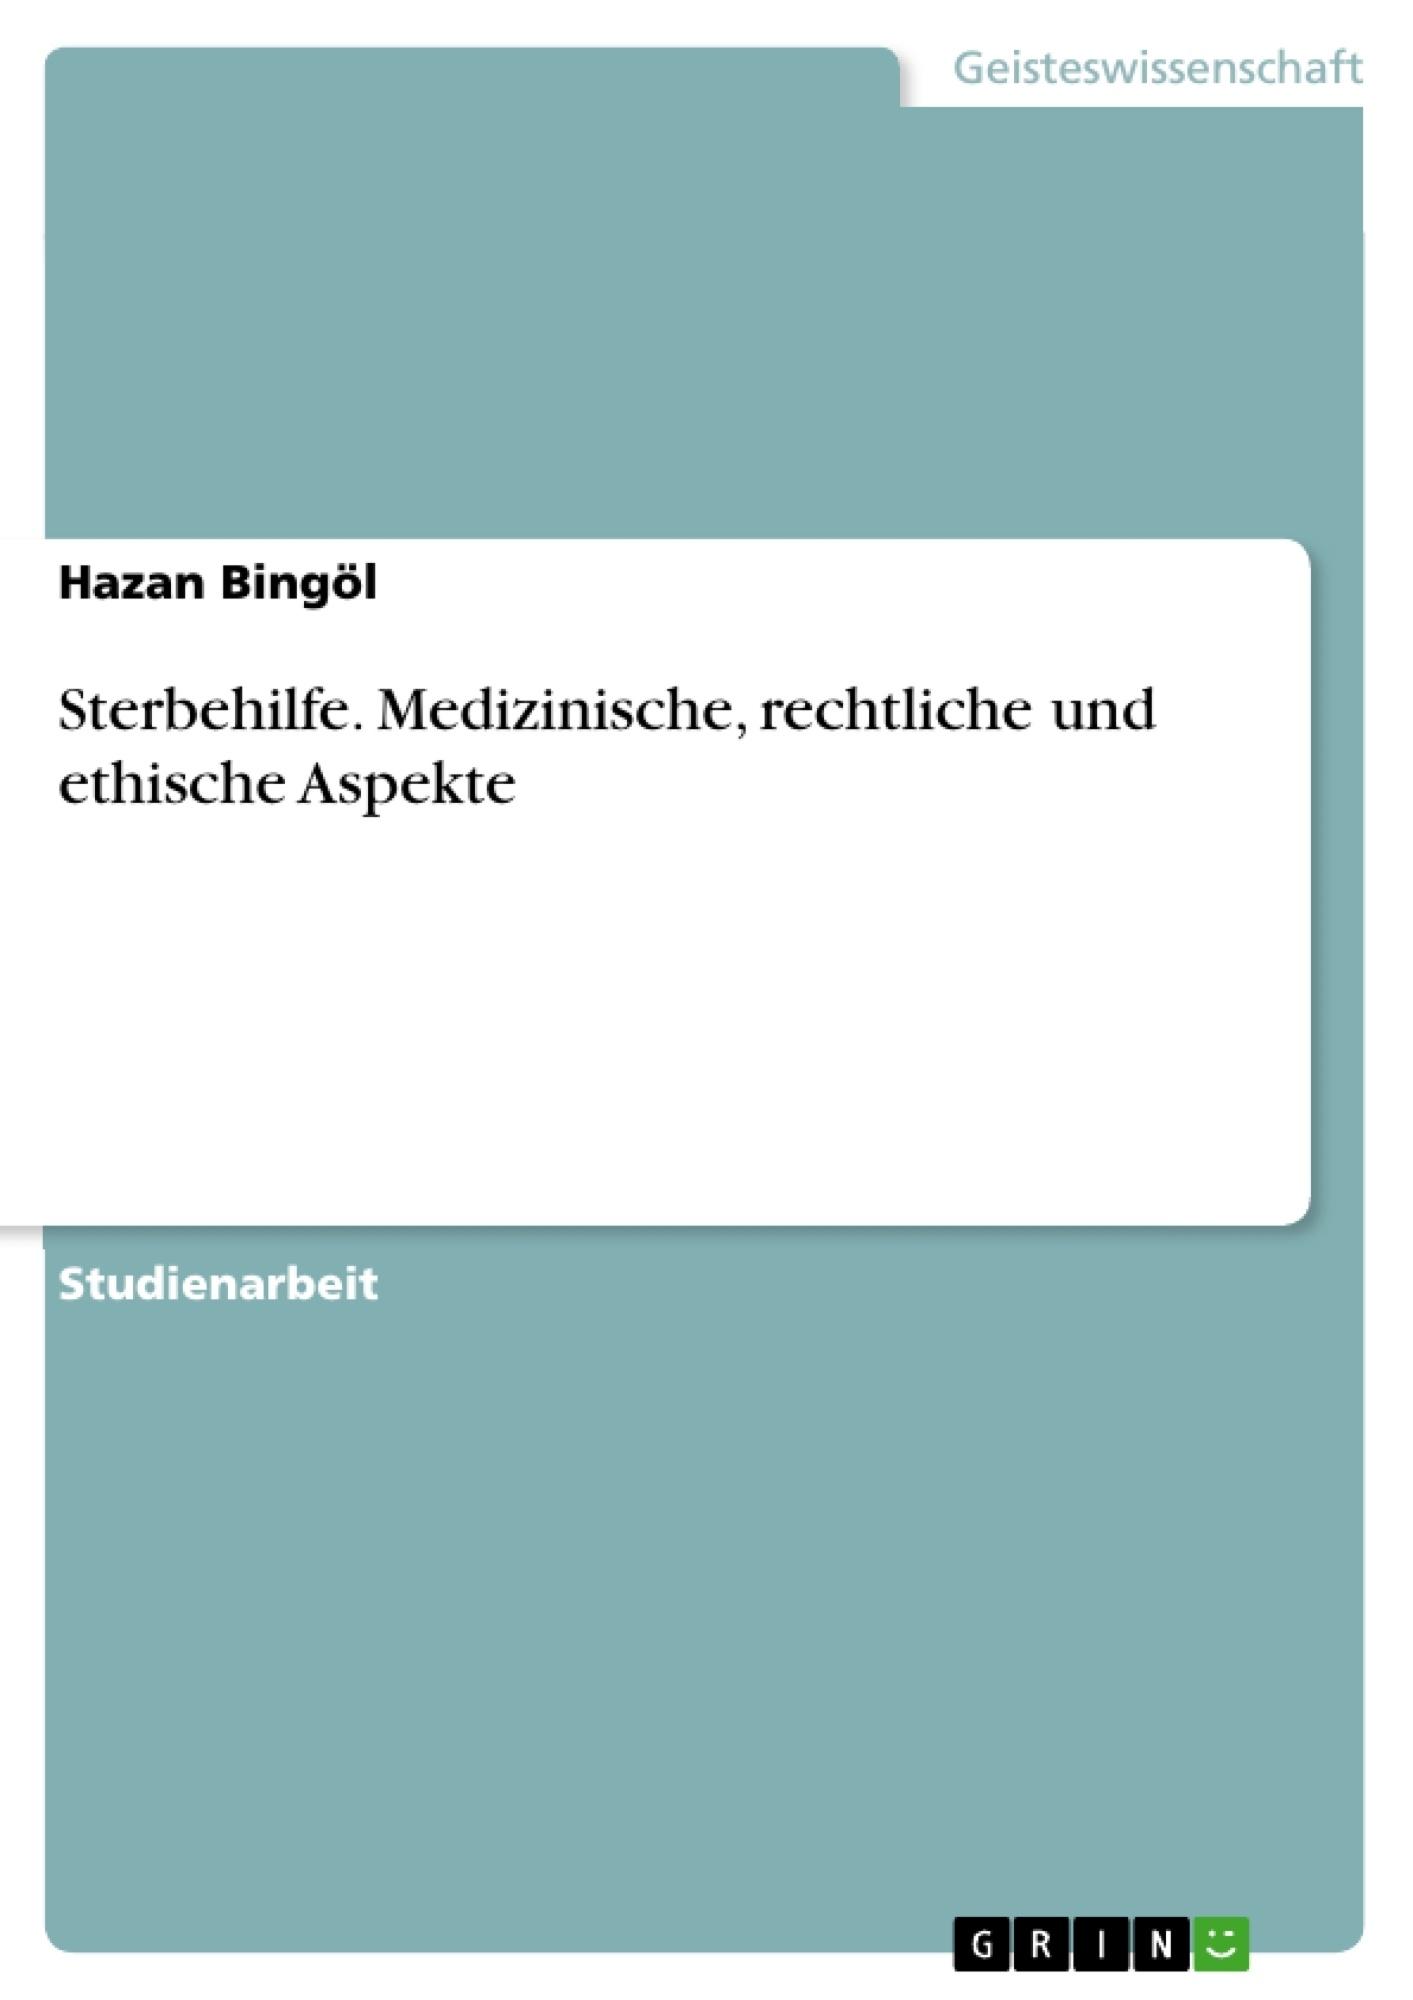 Titel: Sterbehilfe. Medizinische, rechtliche und ethische Aspekte